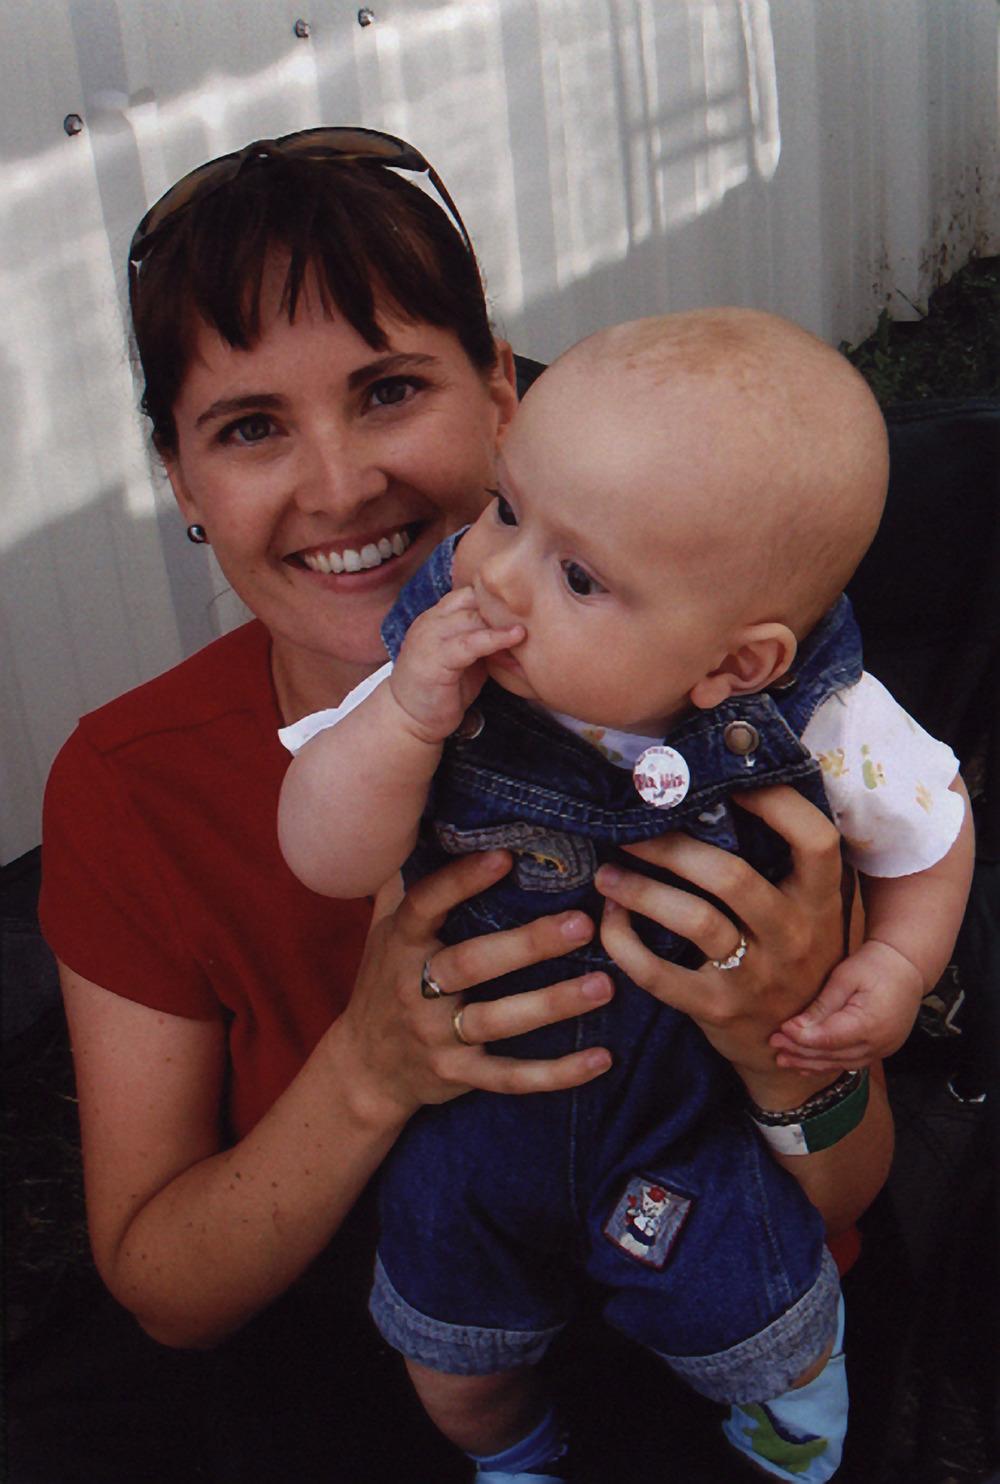 2007 - Morgan Whiteside & a future picker